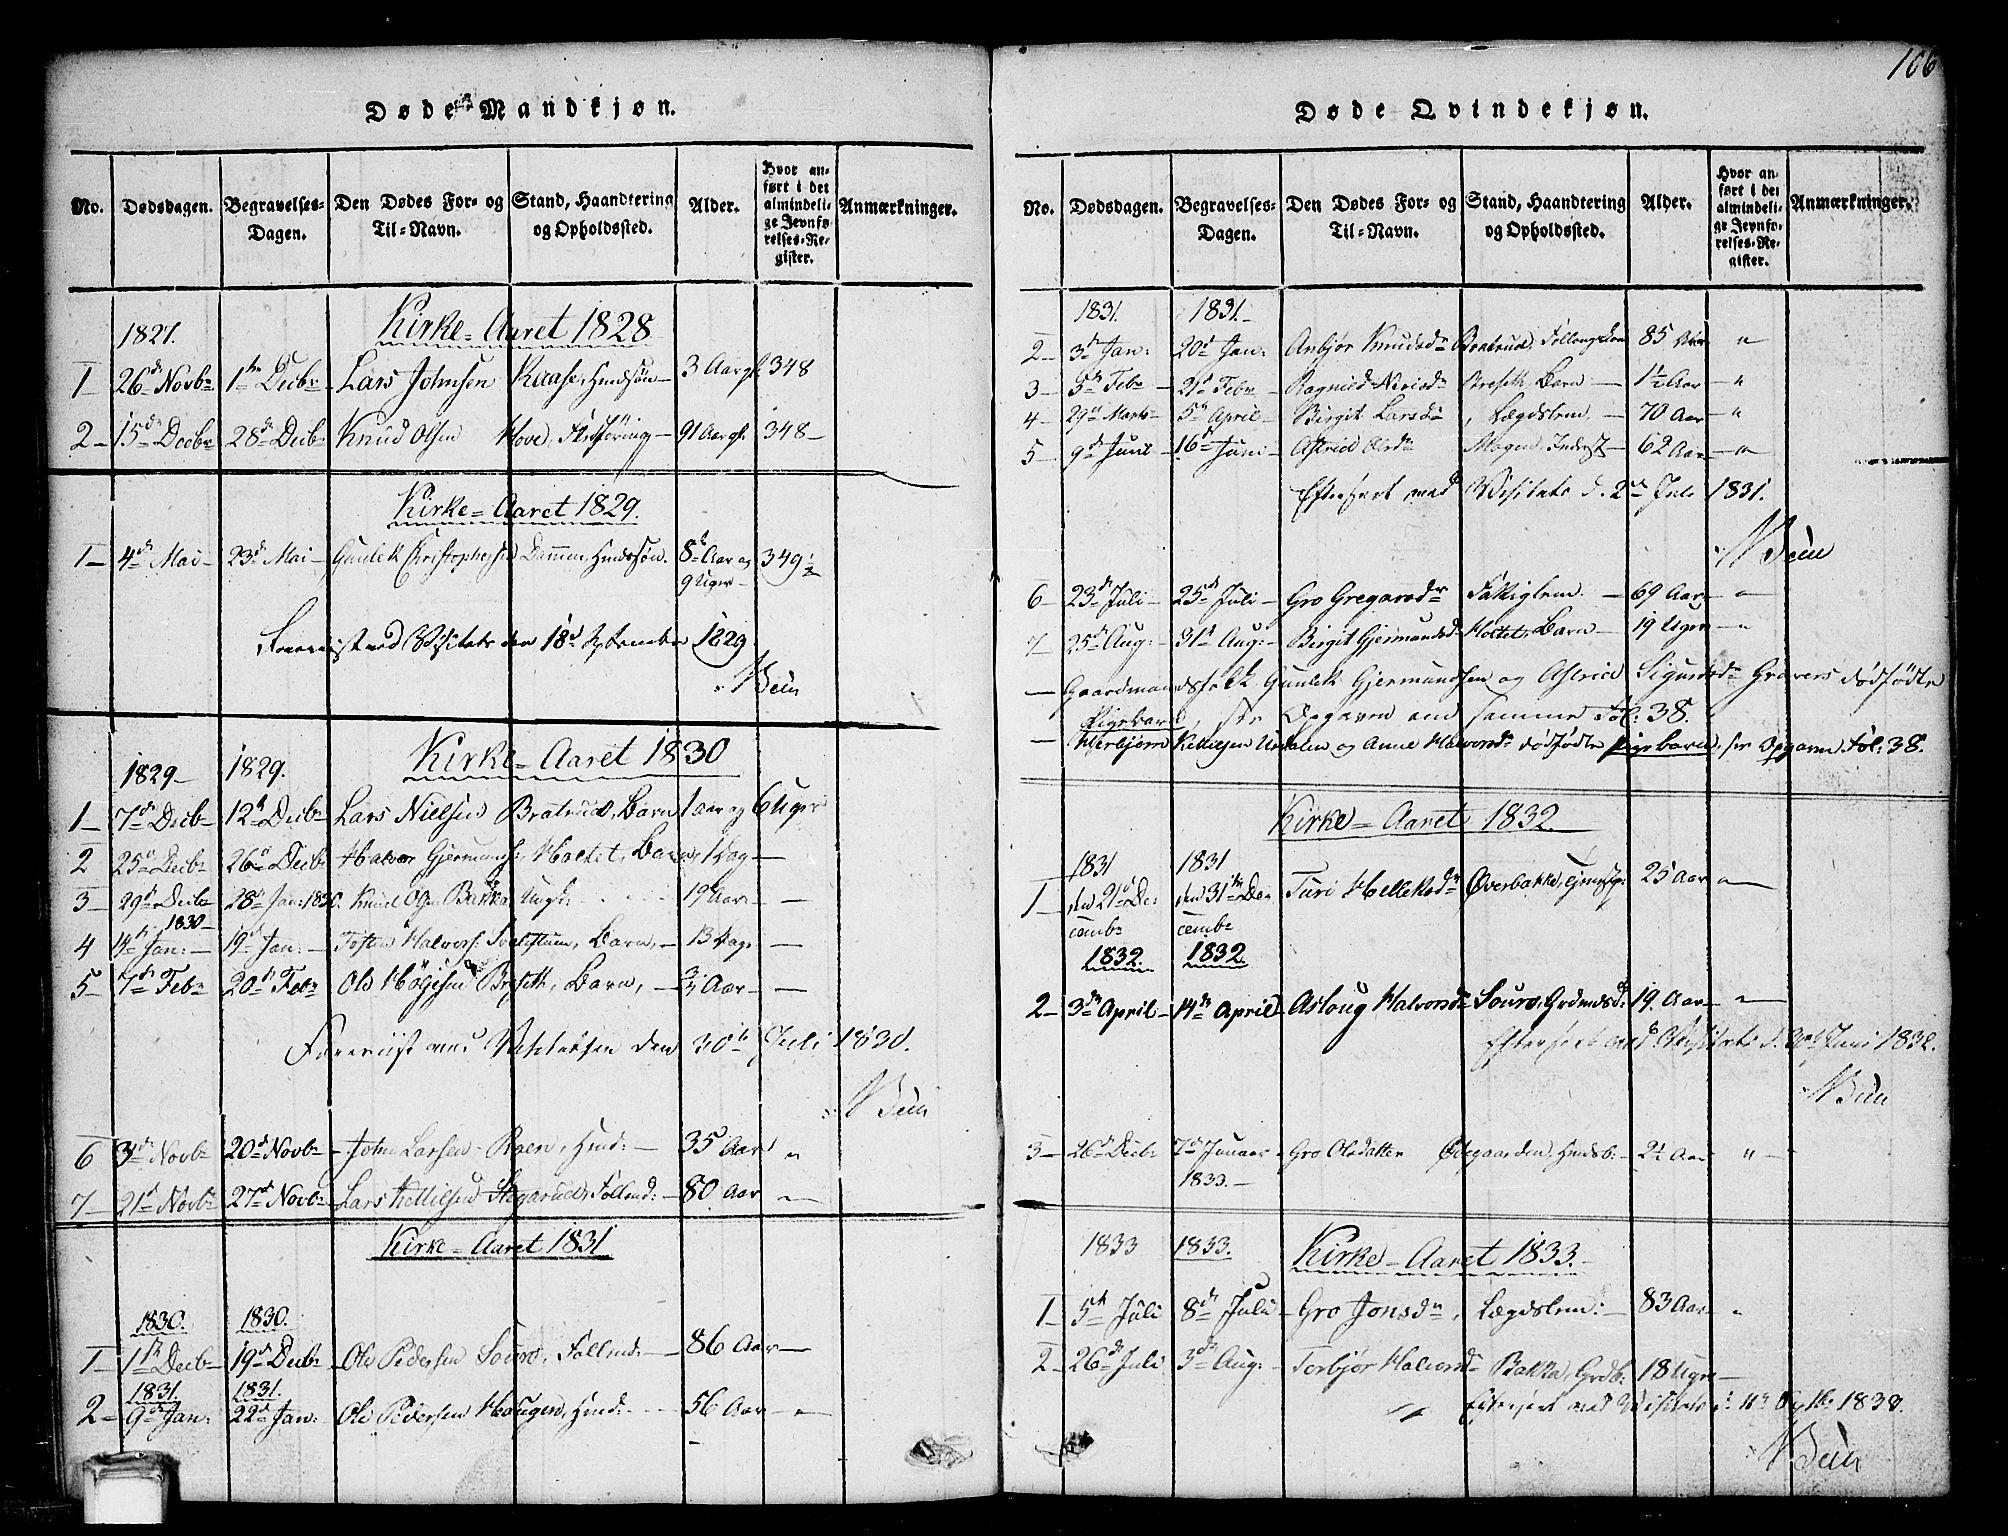 SAKO, Gransherad kirkebøker, G/Gb/L0001: Klokkerbok nr. II 1, 1815-1860, s. 106